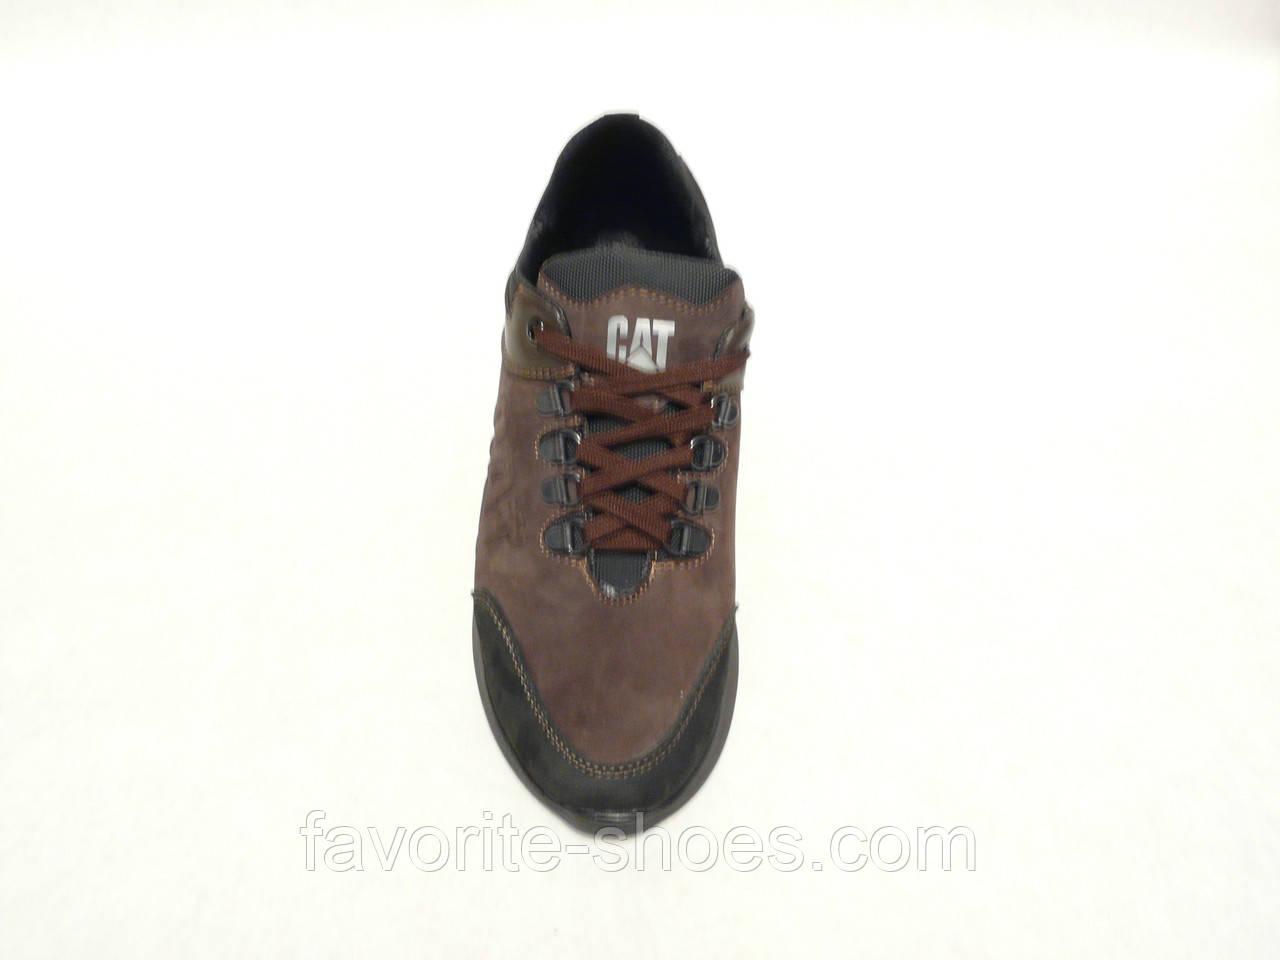 b7a80a58 Кожаные мужские кроссовки CAT кор., цена 750 грн., купить Лубны — Prom.ua  (ID#496565509)